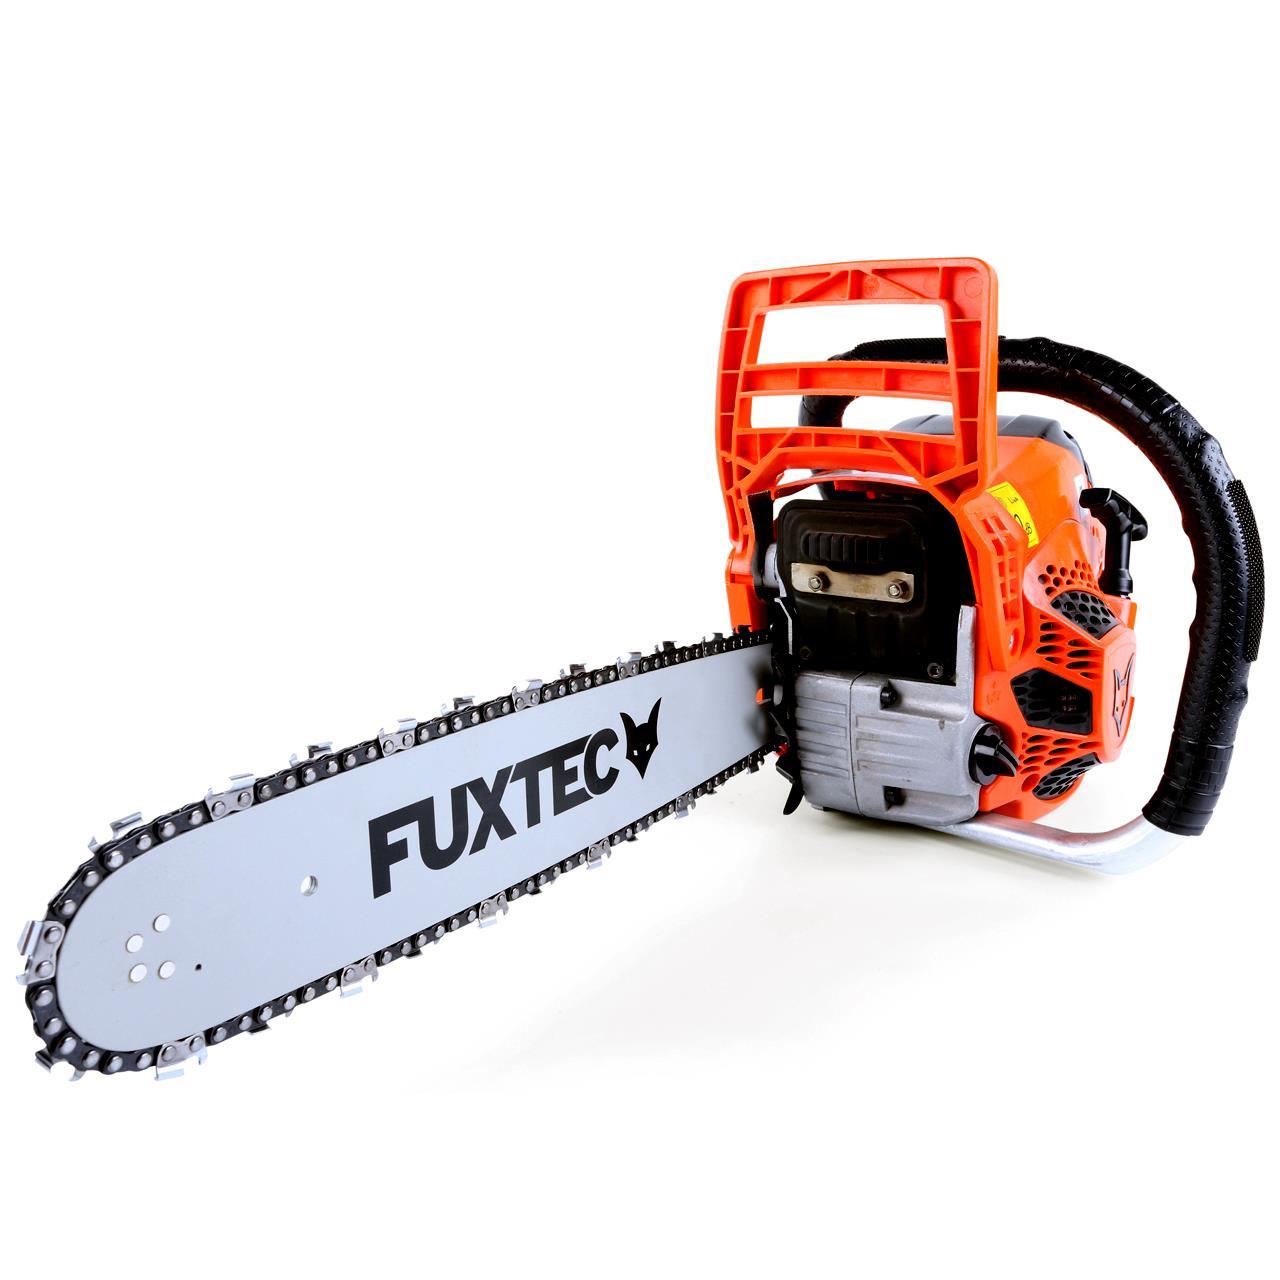 FUXTEC FX-KS146 Benzin Kettensäge